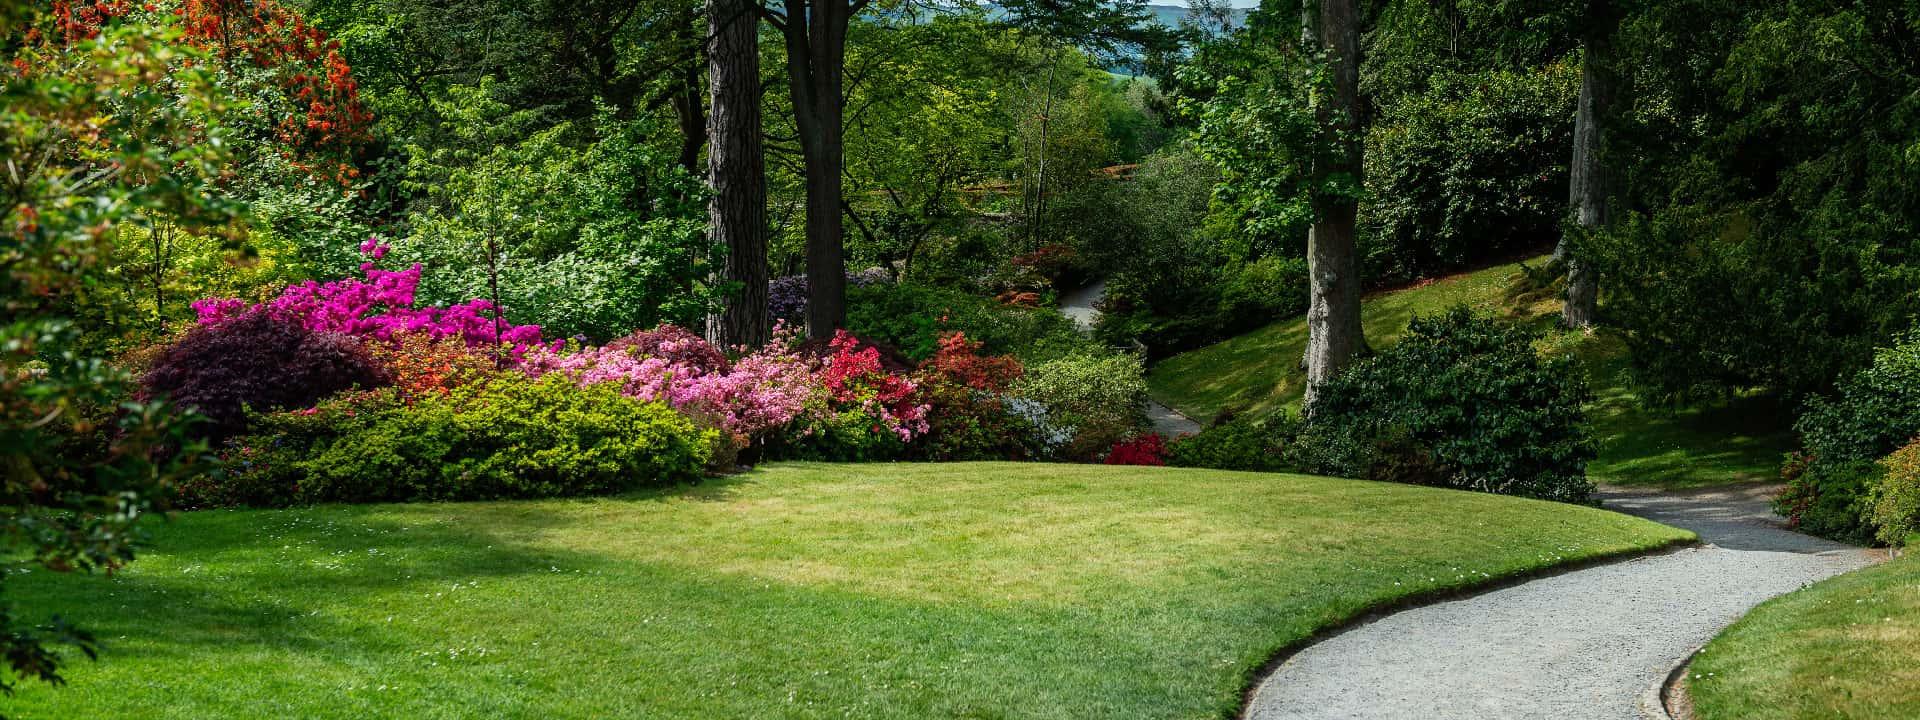 Un beau jardin en floraison entouré d'arbres